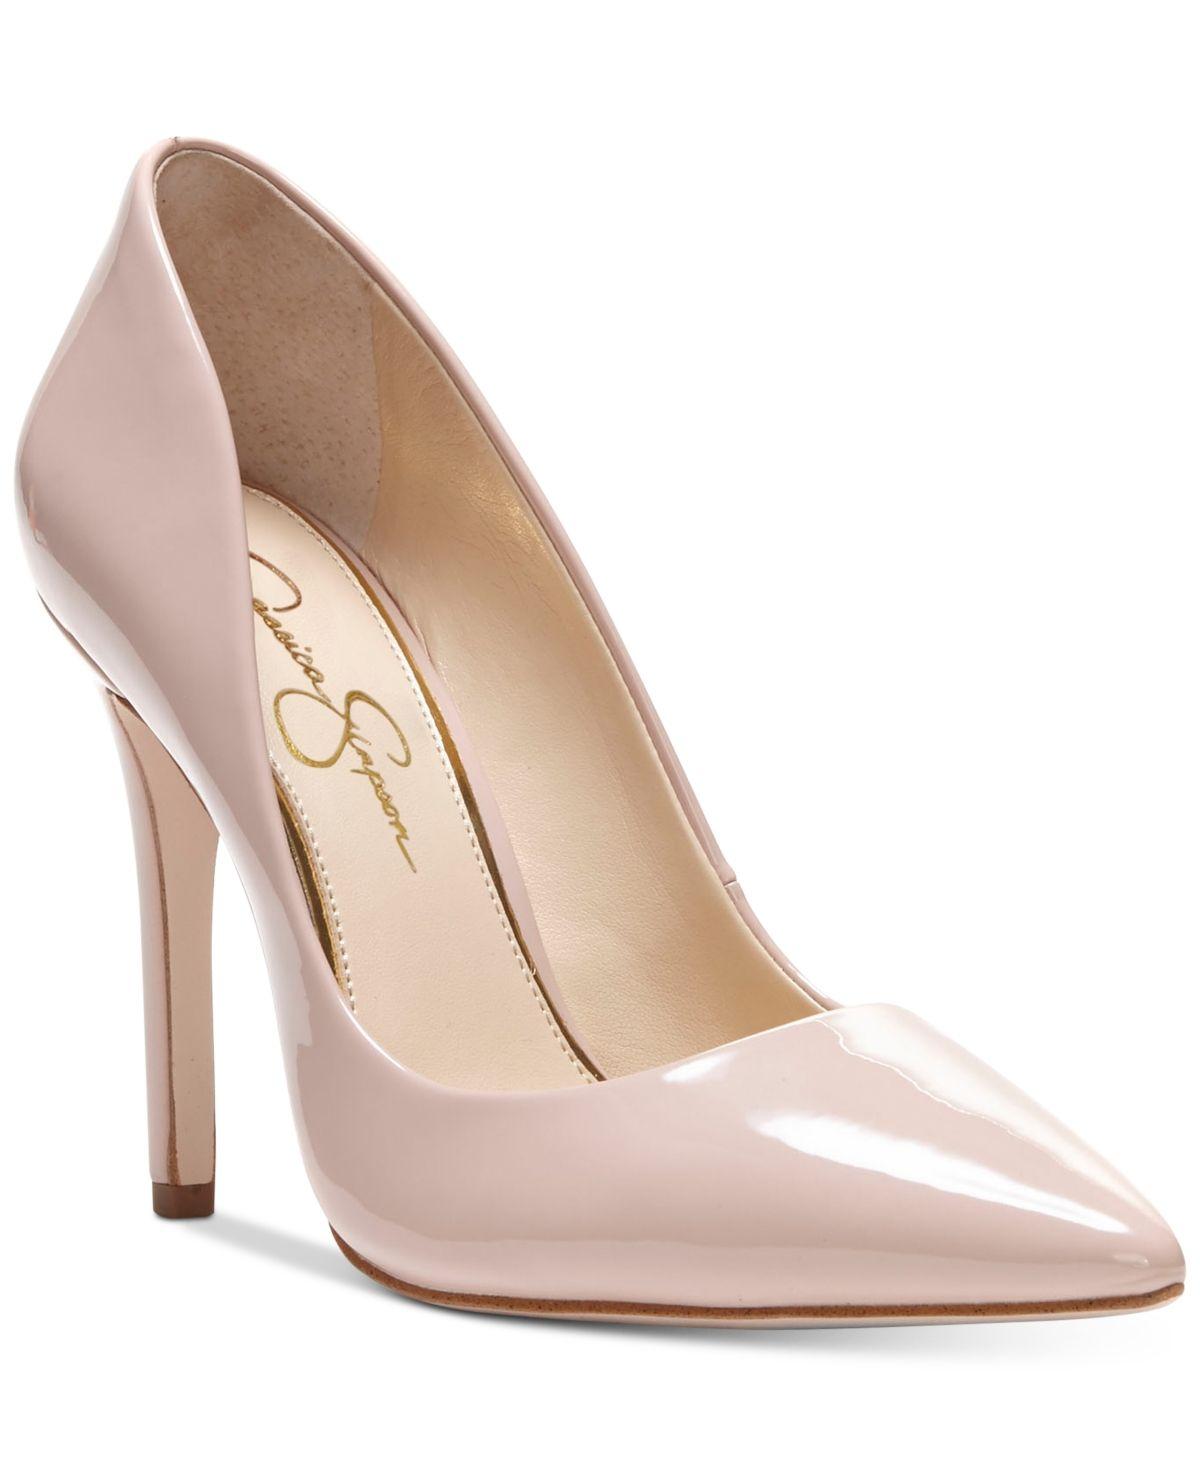 Pumps, Stiletto heels